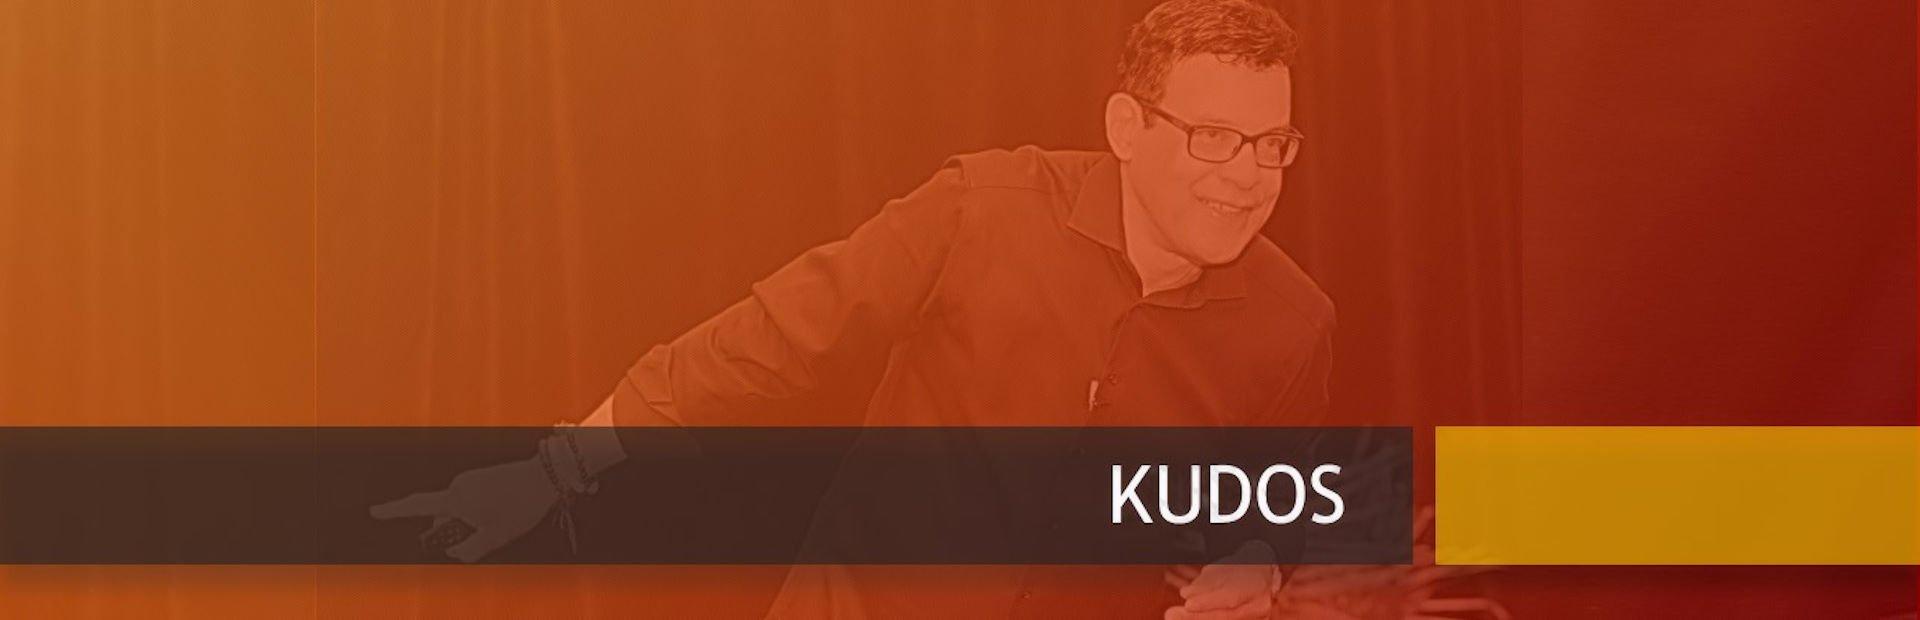 KUDOS - Client Testimonials